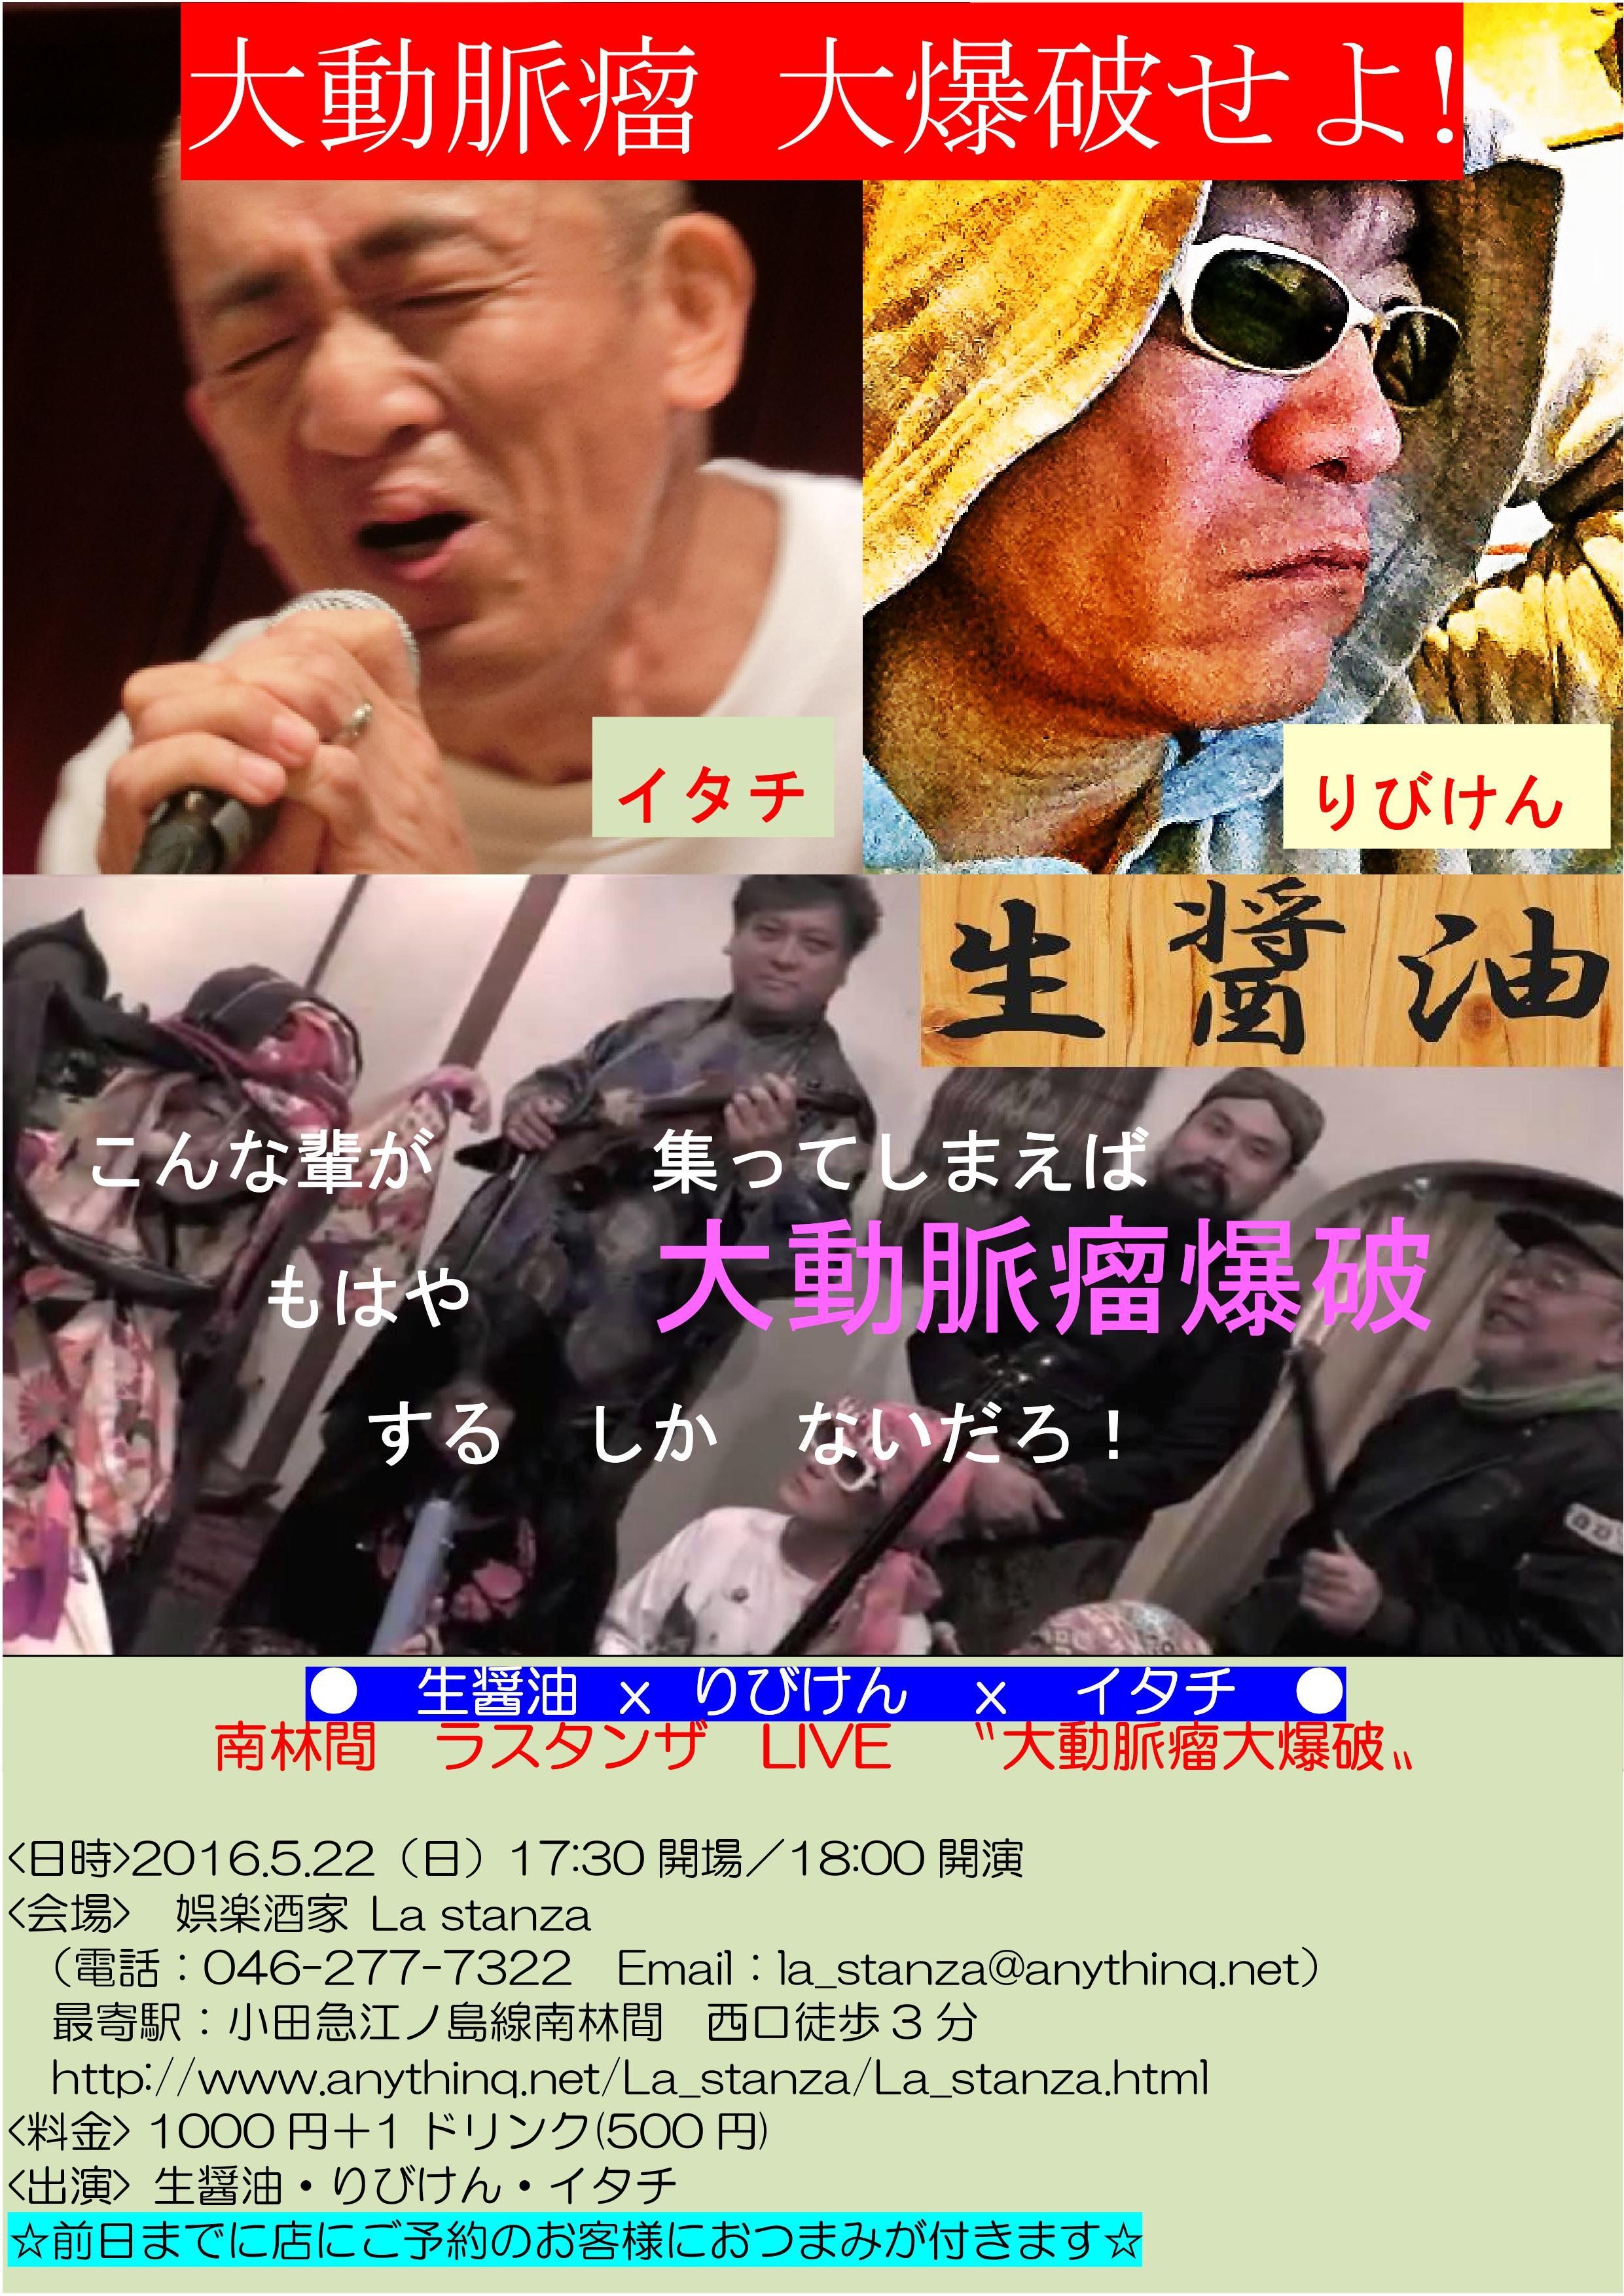 大動脈瘤大爆破ライブ2016年5月22日(日)南林間La stanza